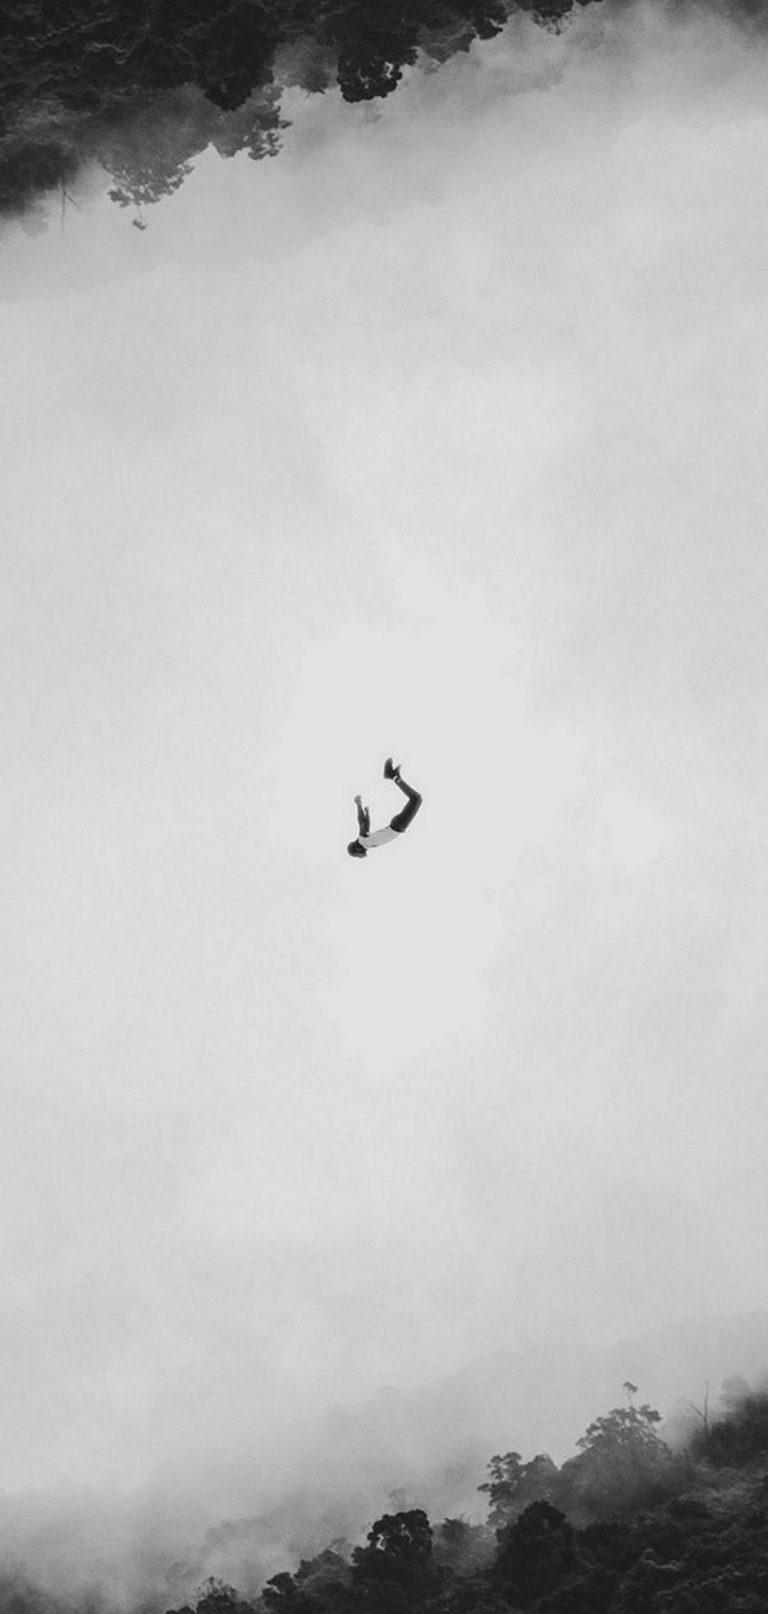 Minimalism Flight Jump 1080x2270 768x1614